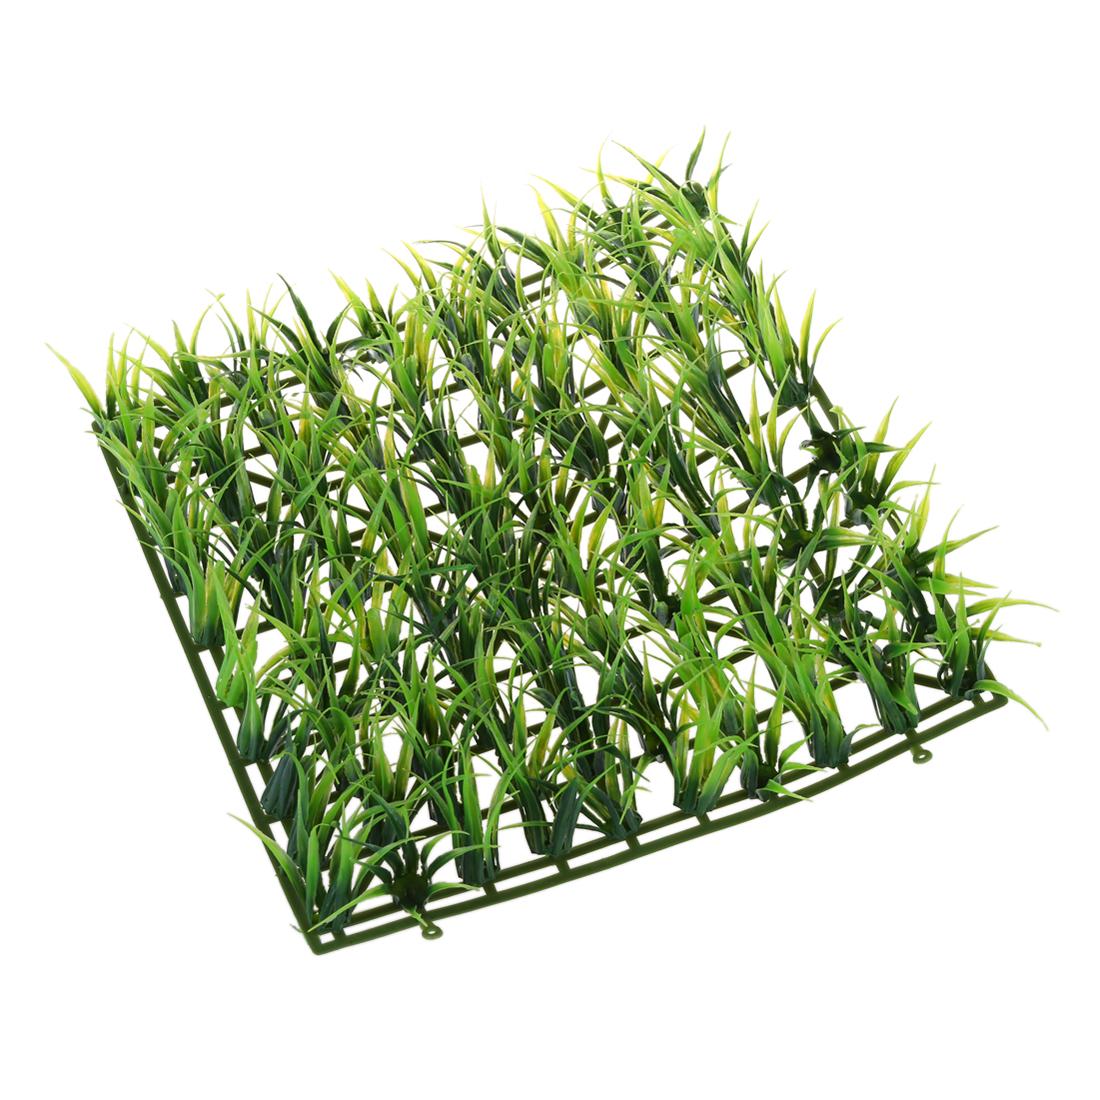 Verde-Primavera-Prato-plastica-erba-tappeto-Mat-Acquario-decorazione-T1T3